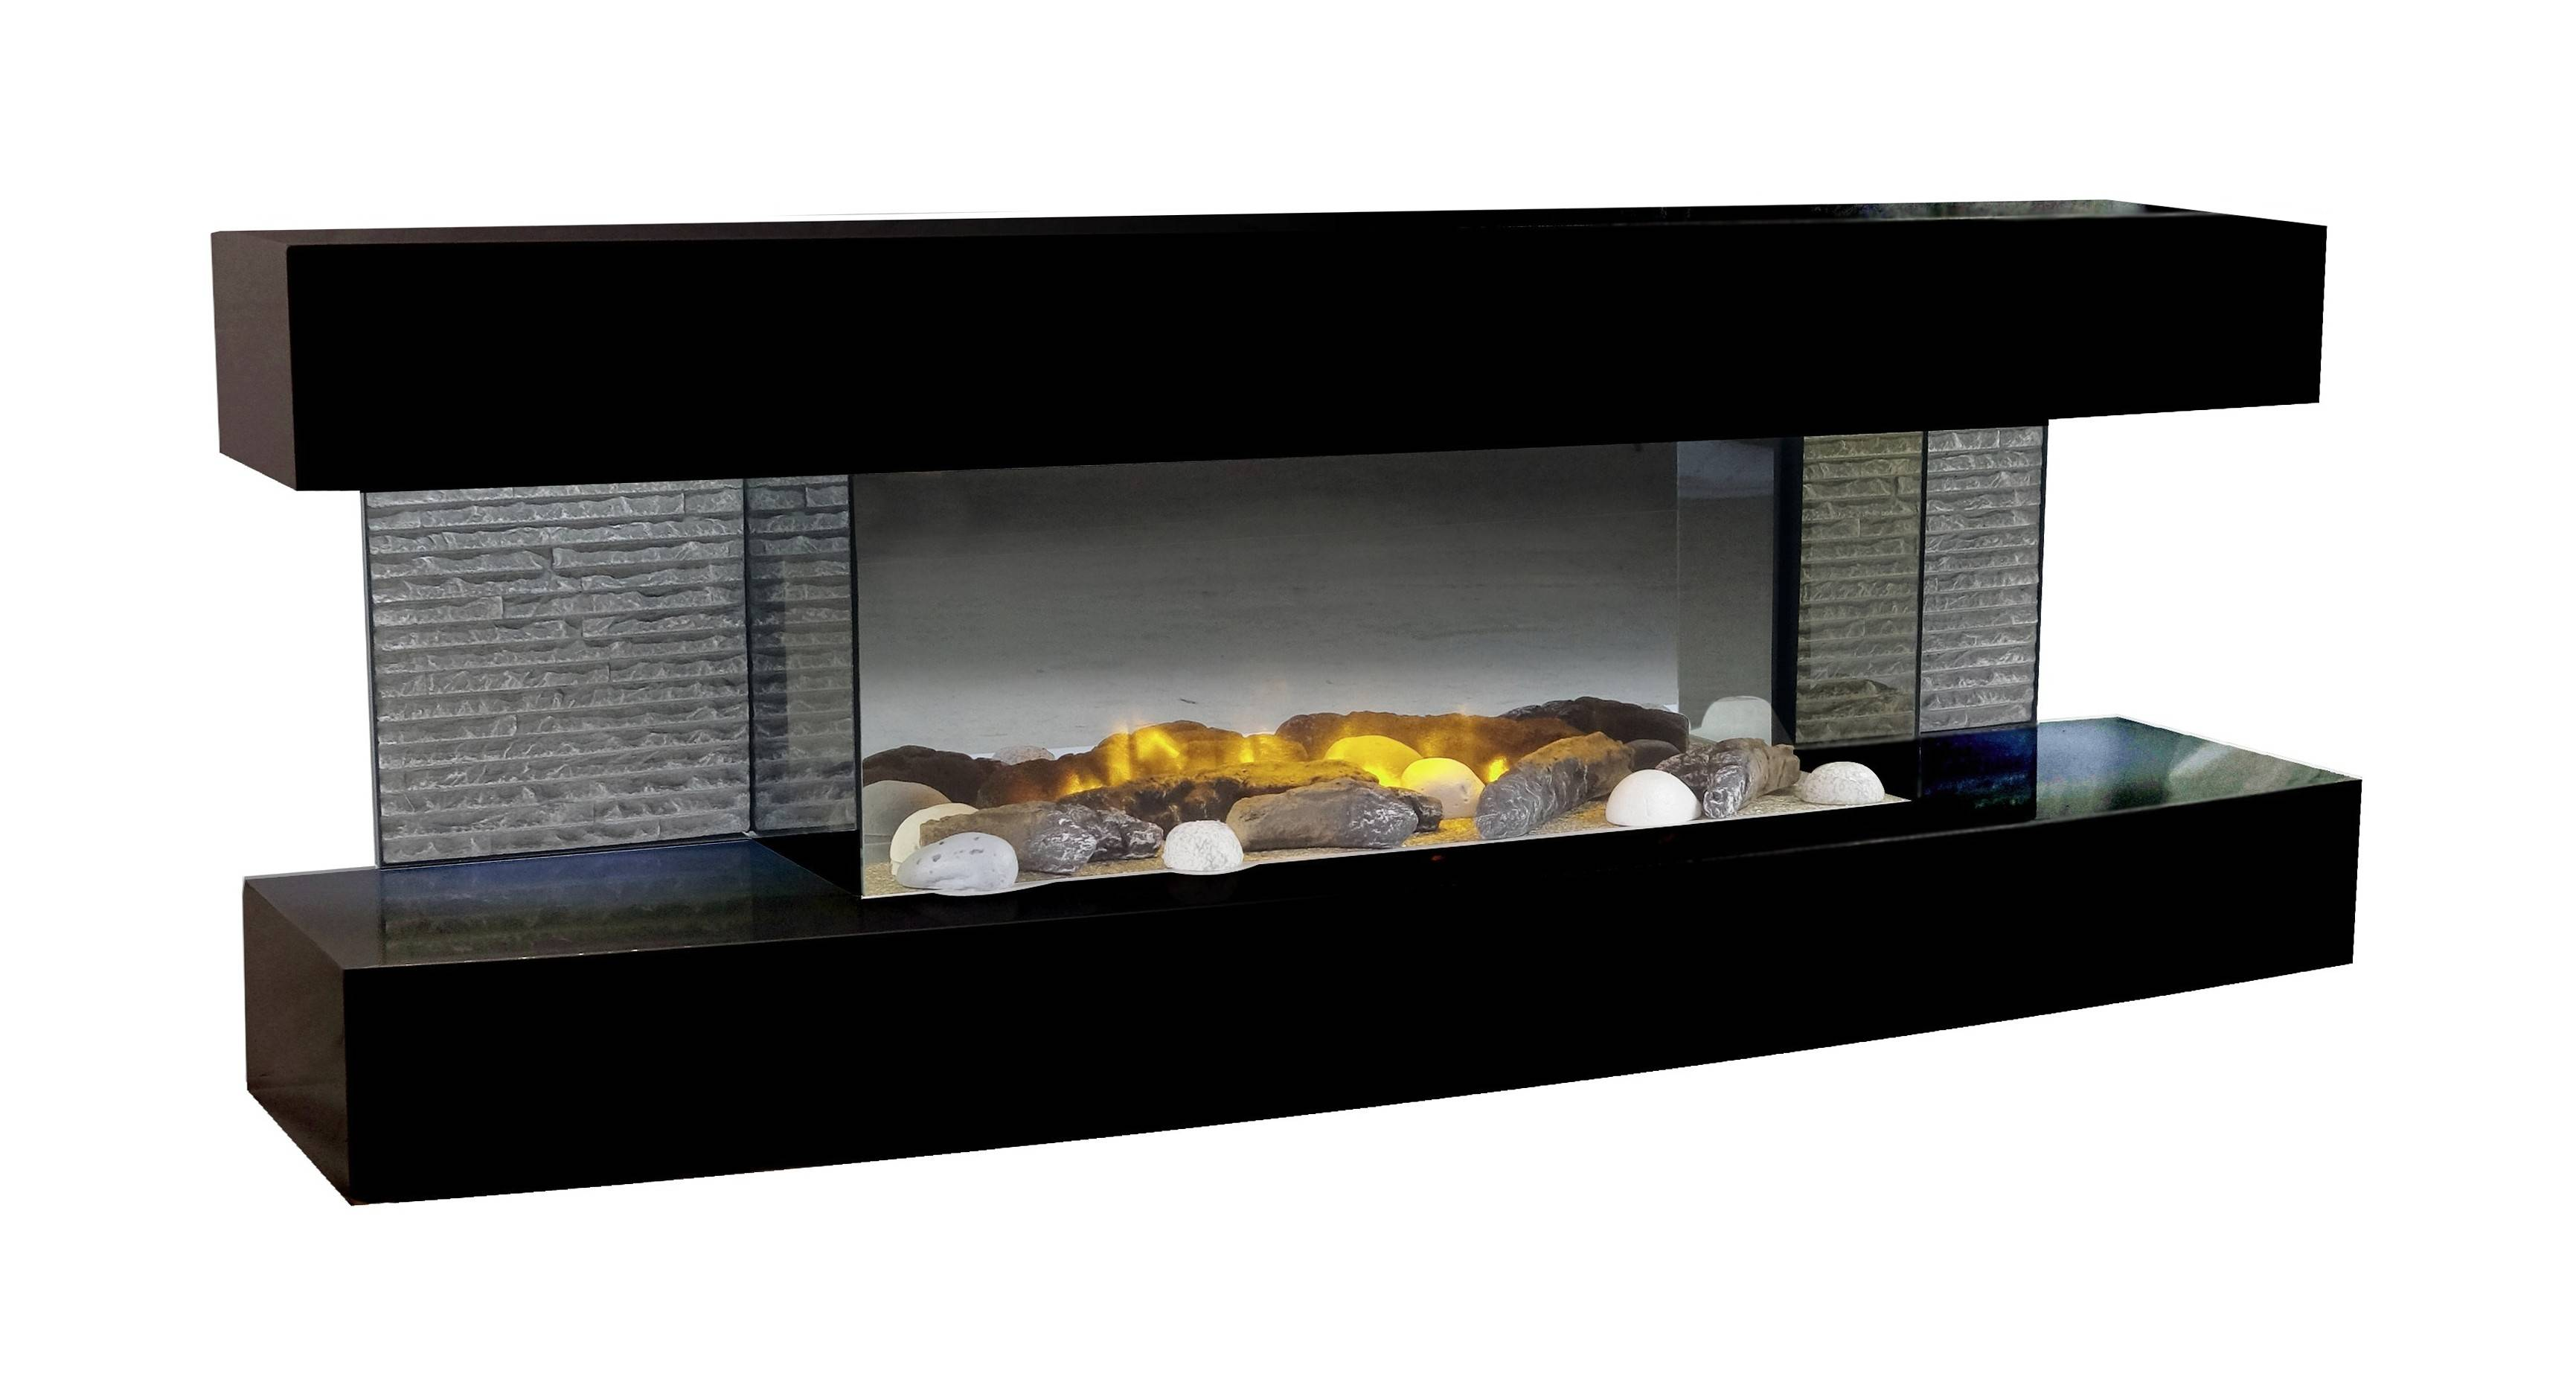 gdegdesign Cheminée électrique noire décorative lumineuse LED - Lounge